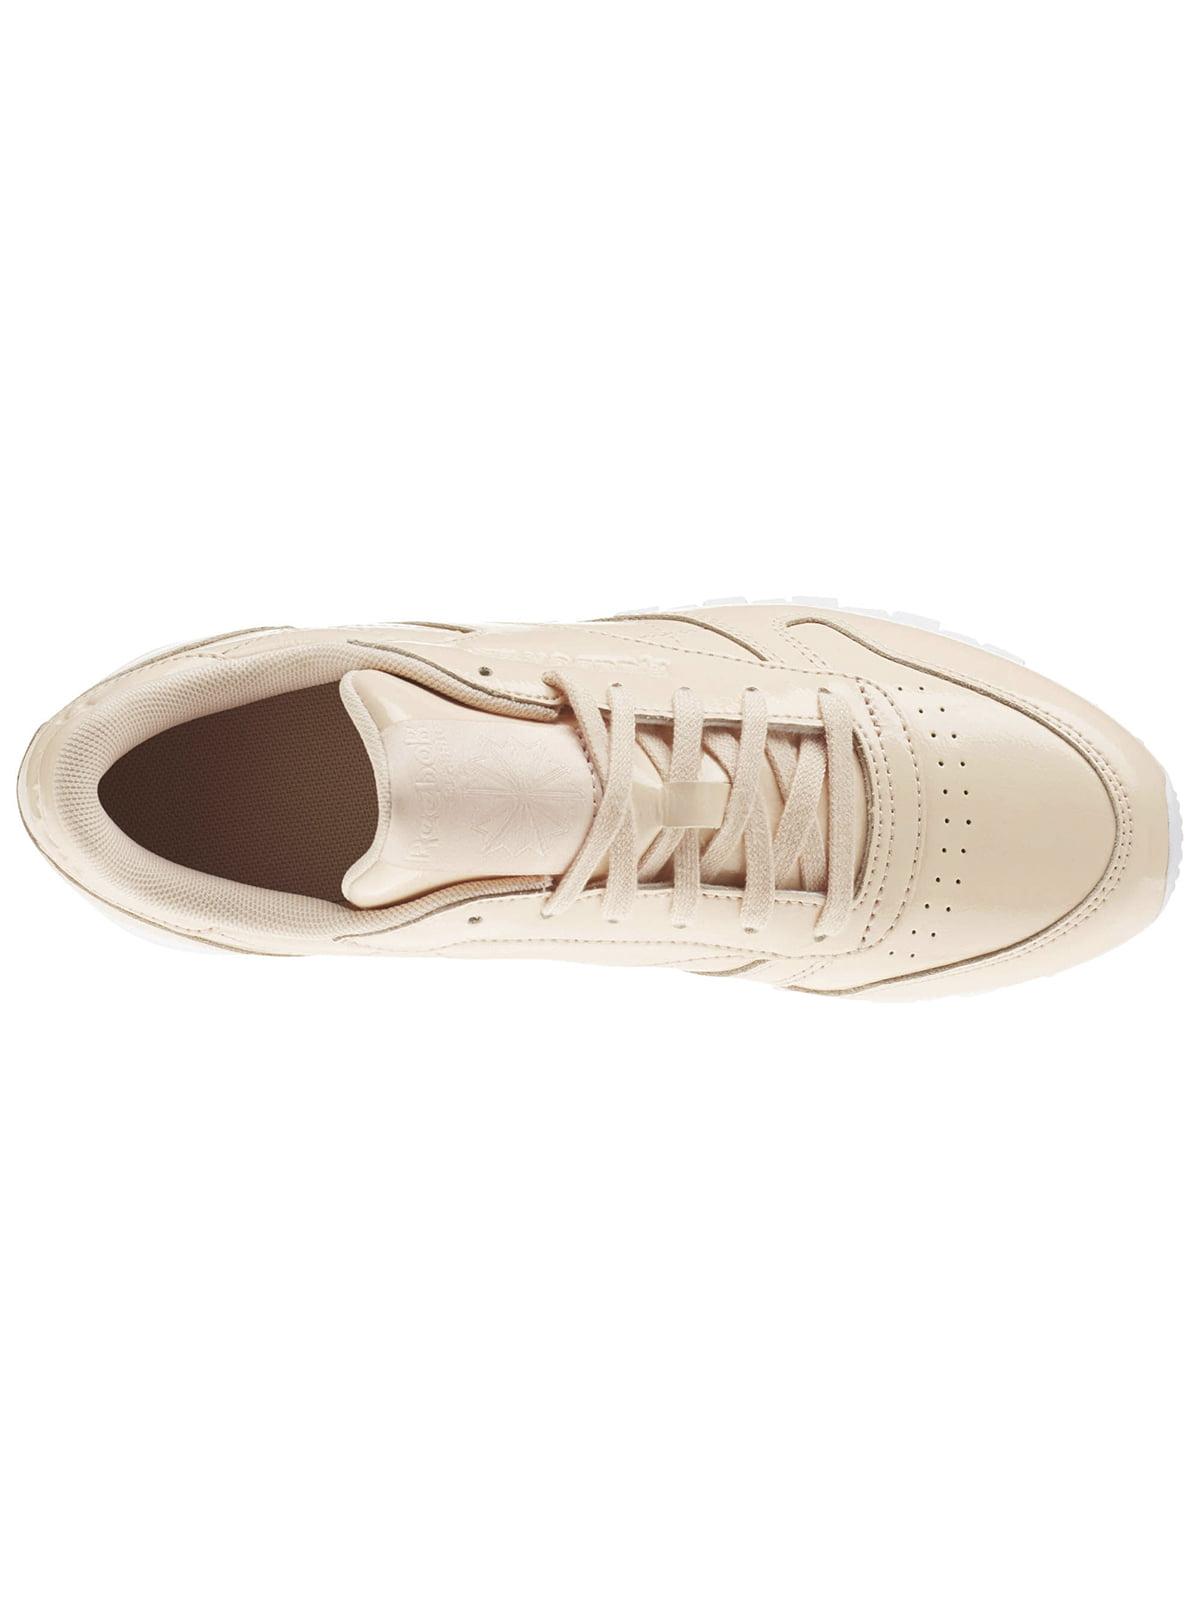 Кроссовки персикового цвета | 4375063 | фото 6